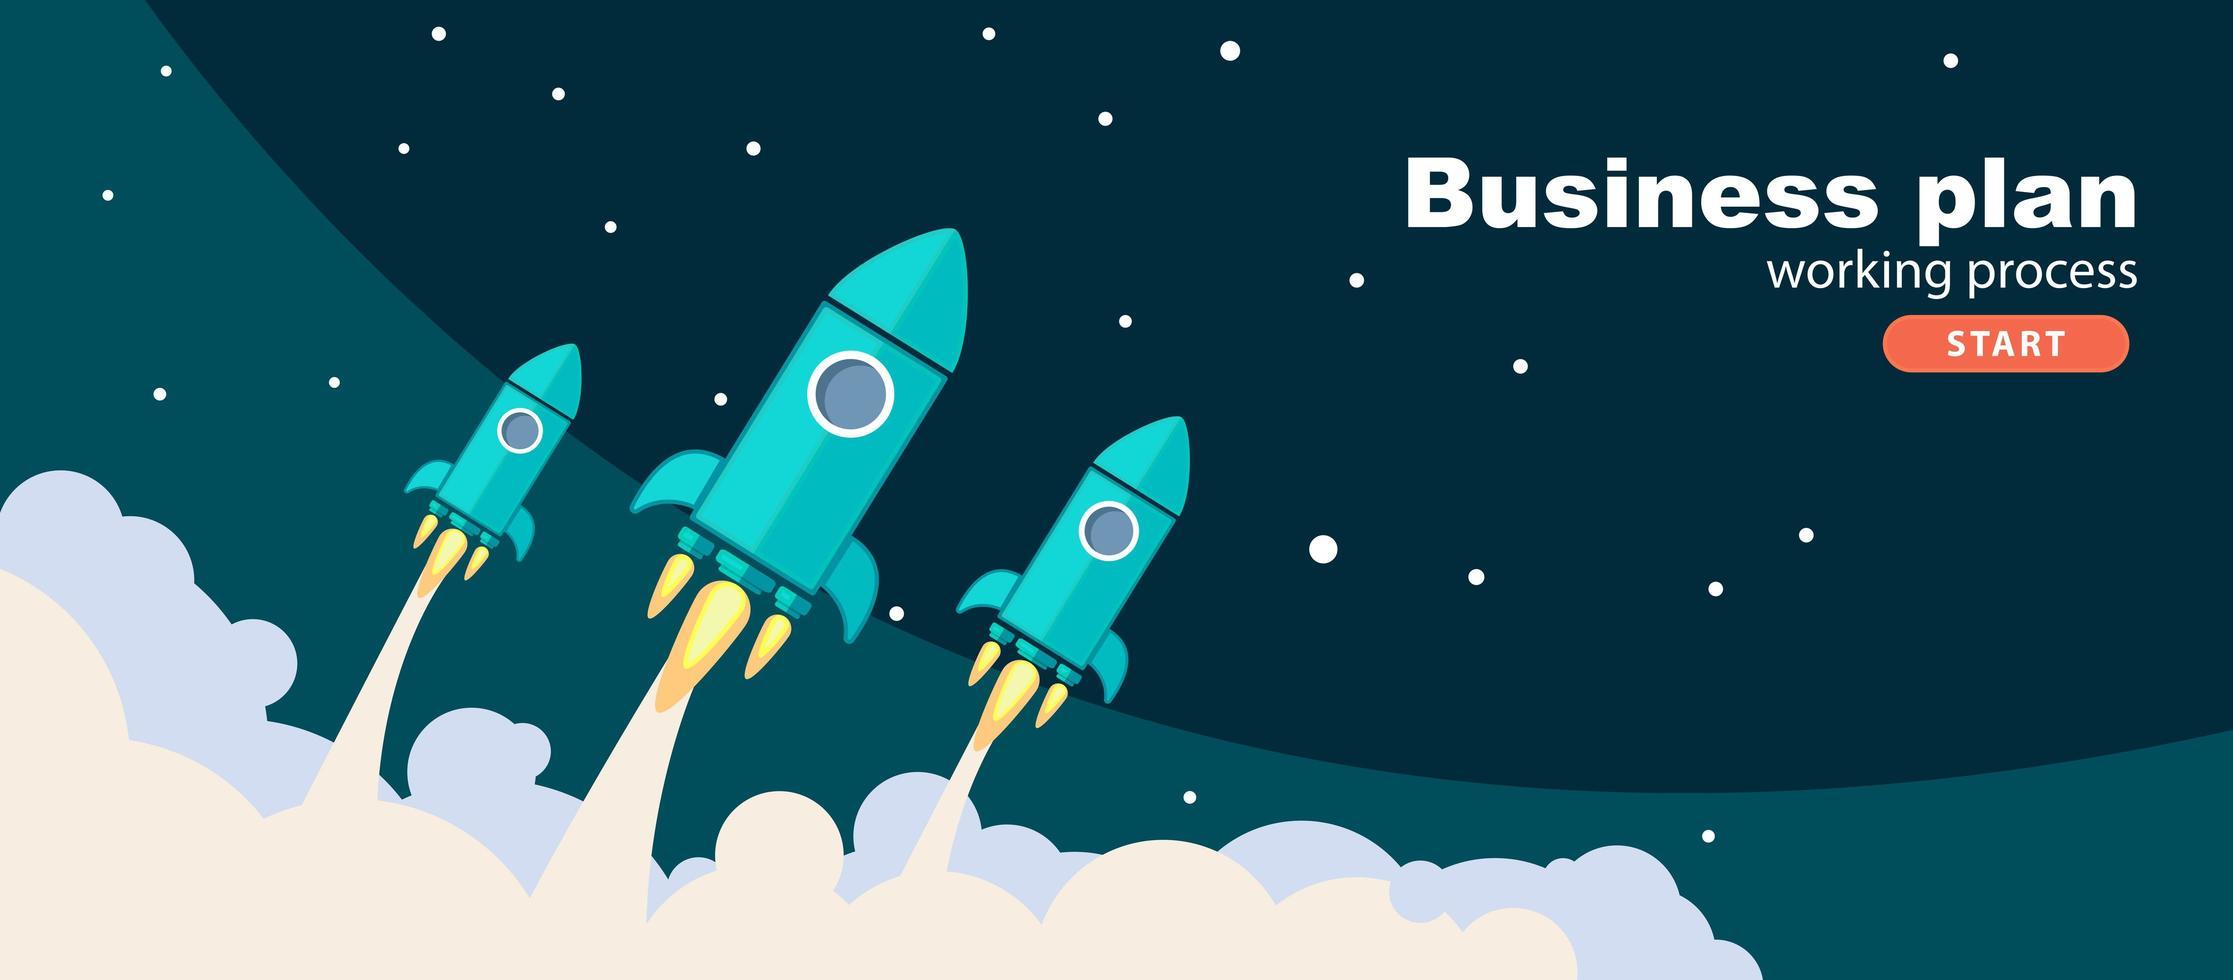 cohetes vuelan en el cielo plan de negocios. banner de vector